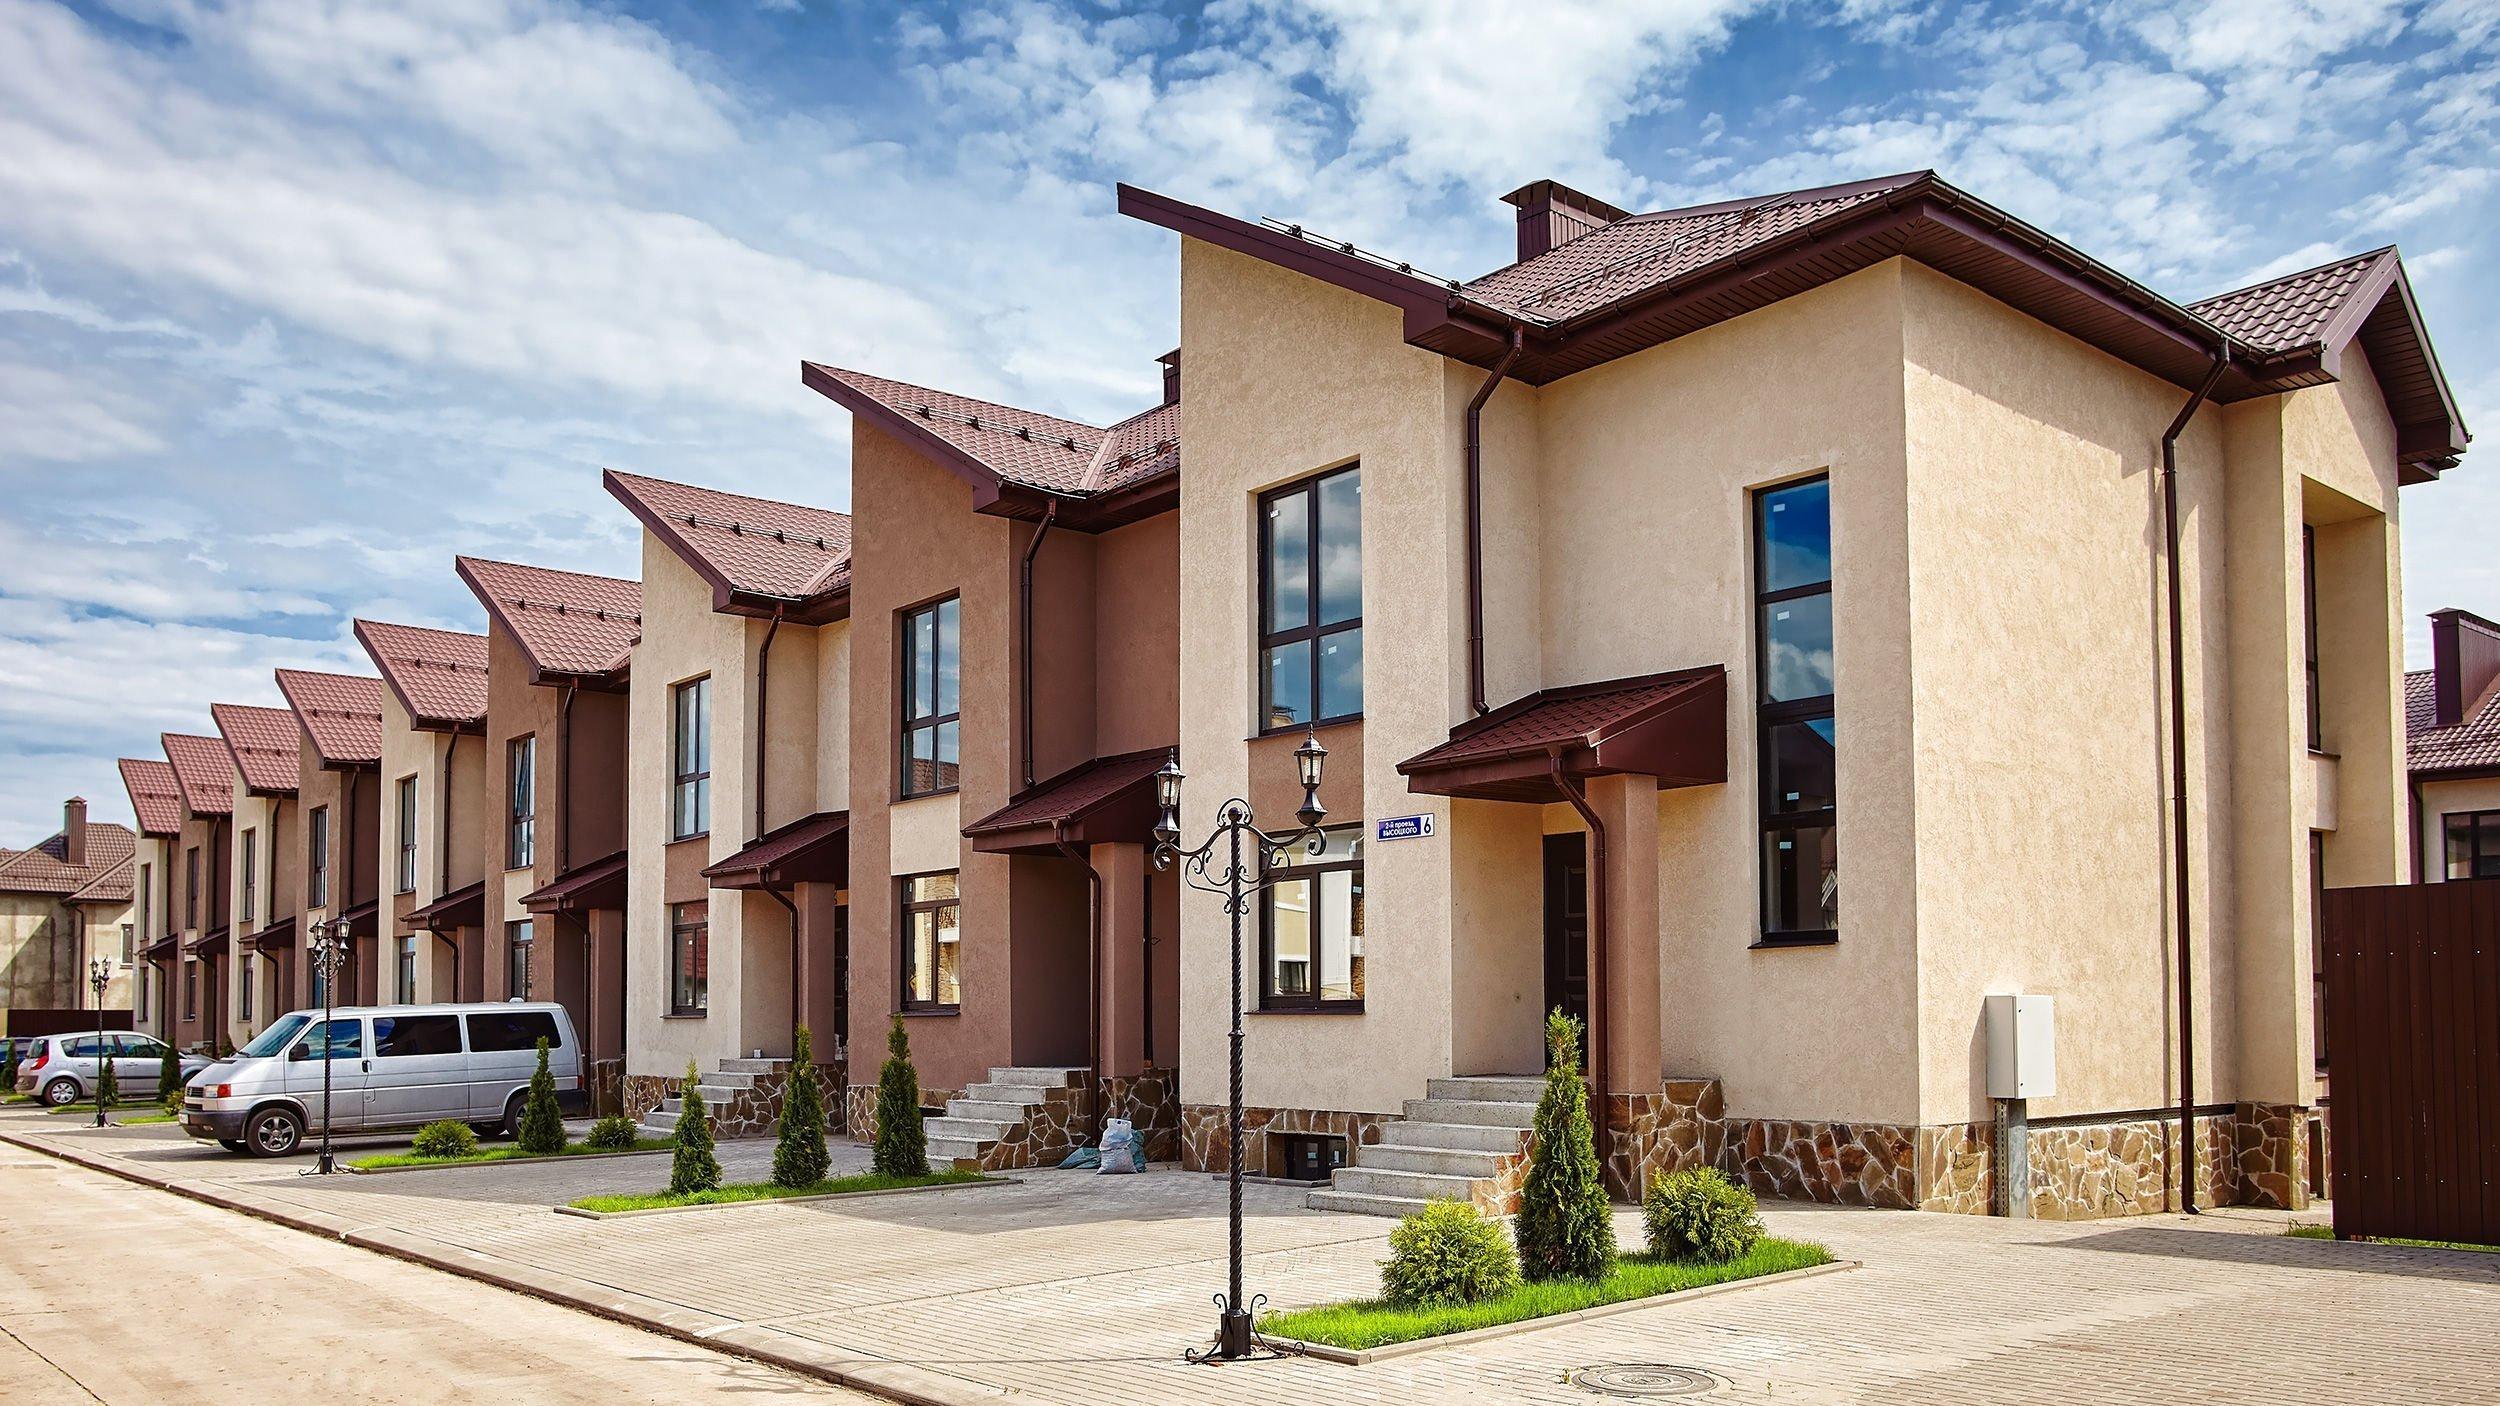 Террасные жилые многоэтажные дома картинки желаем этот